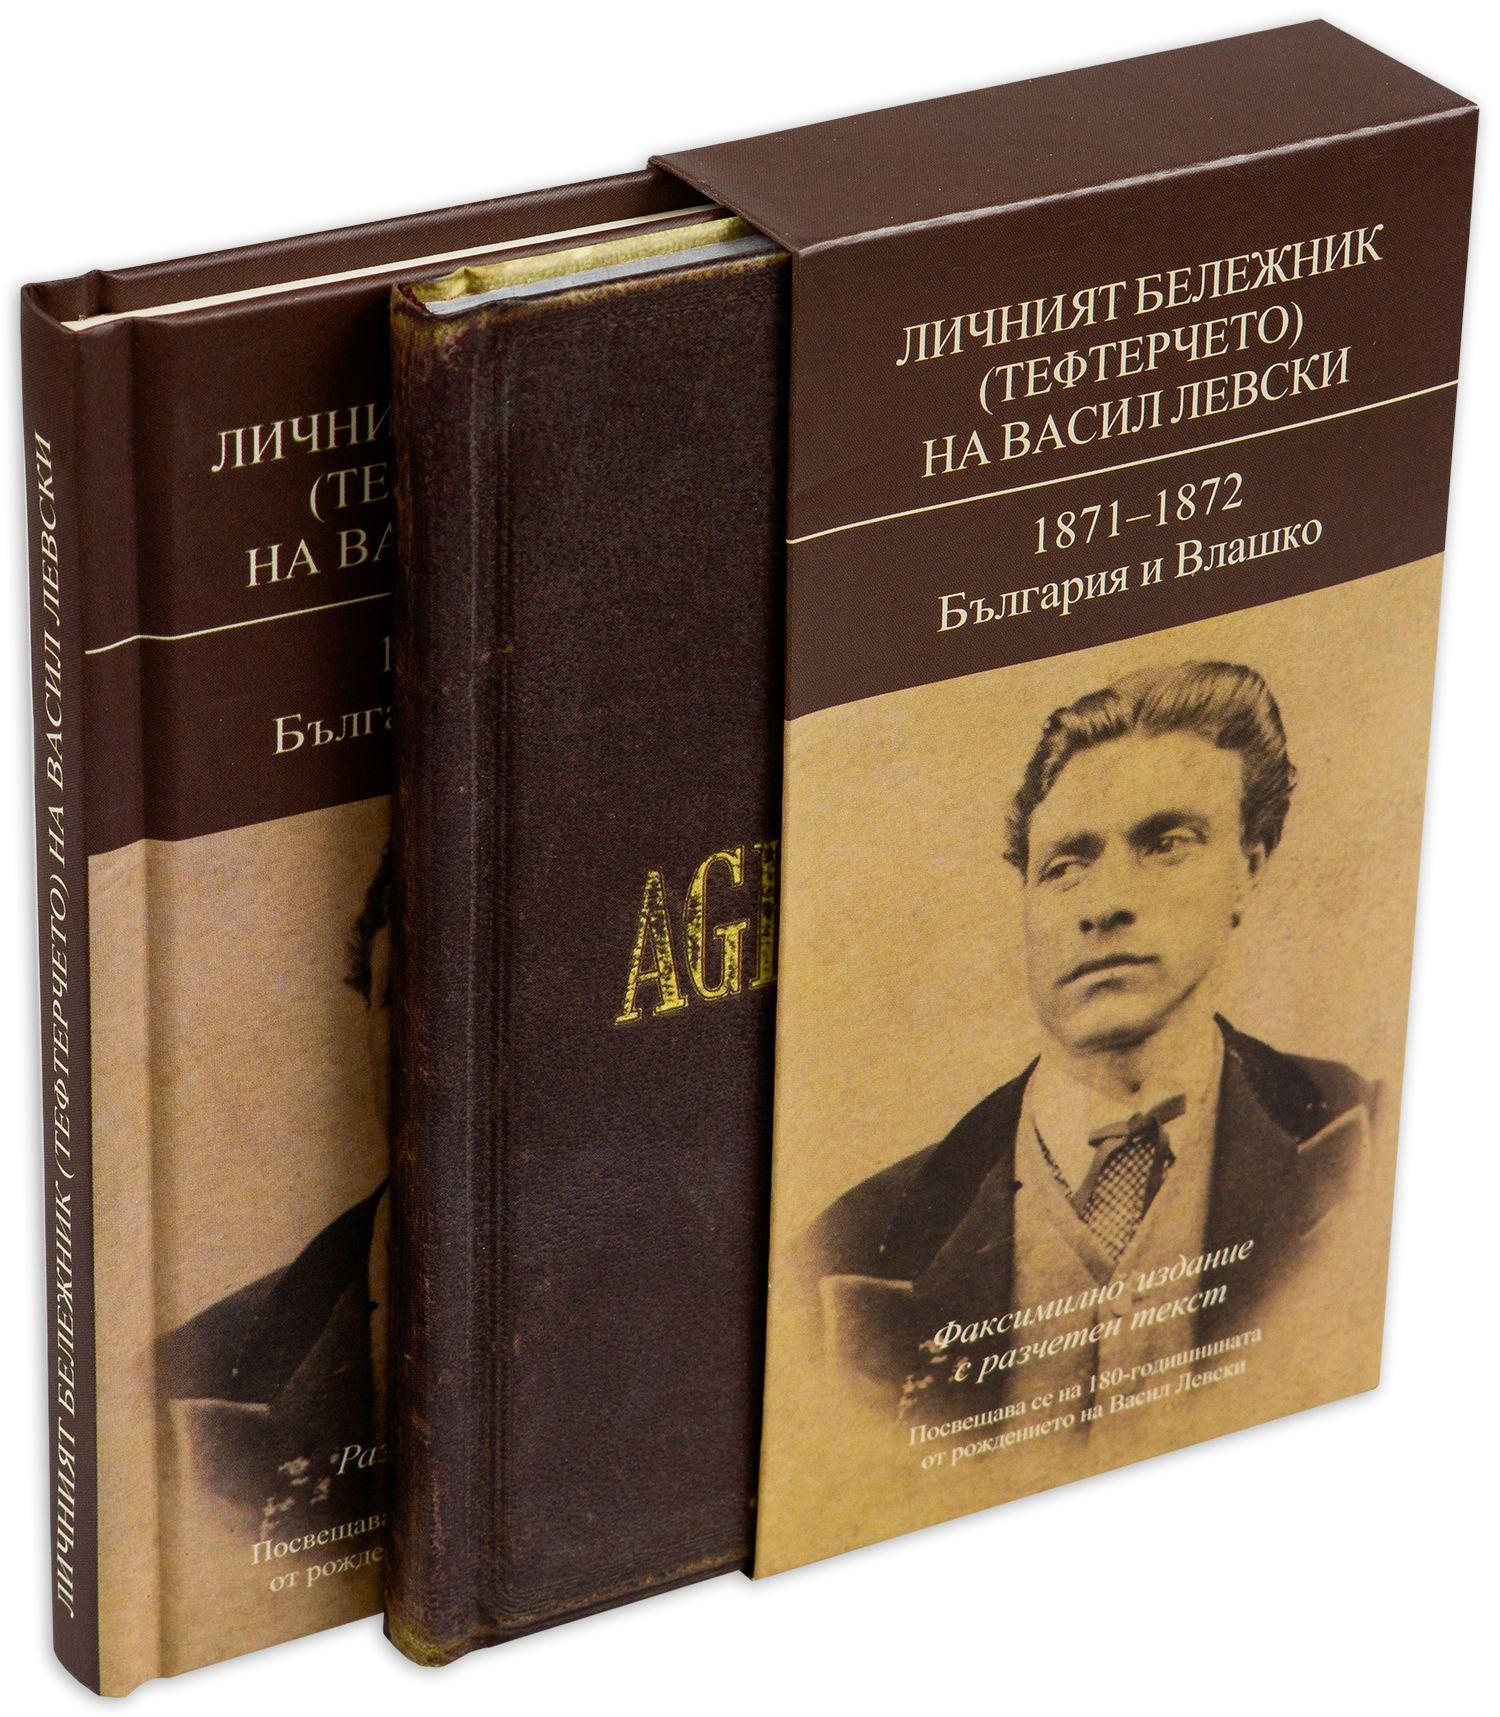 Личният бележник (тефтерчето) на Васил Левски. 1871-1872. България и Влашко - 3